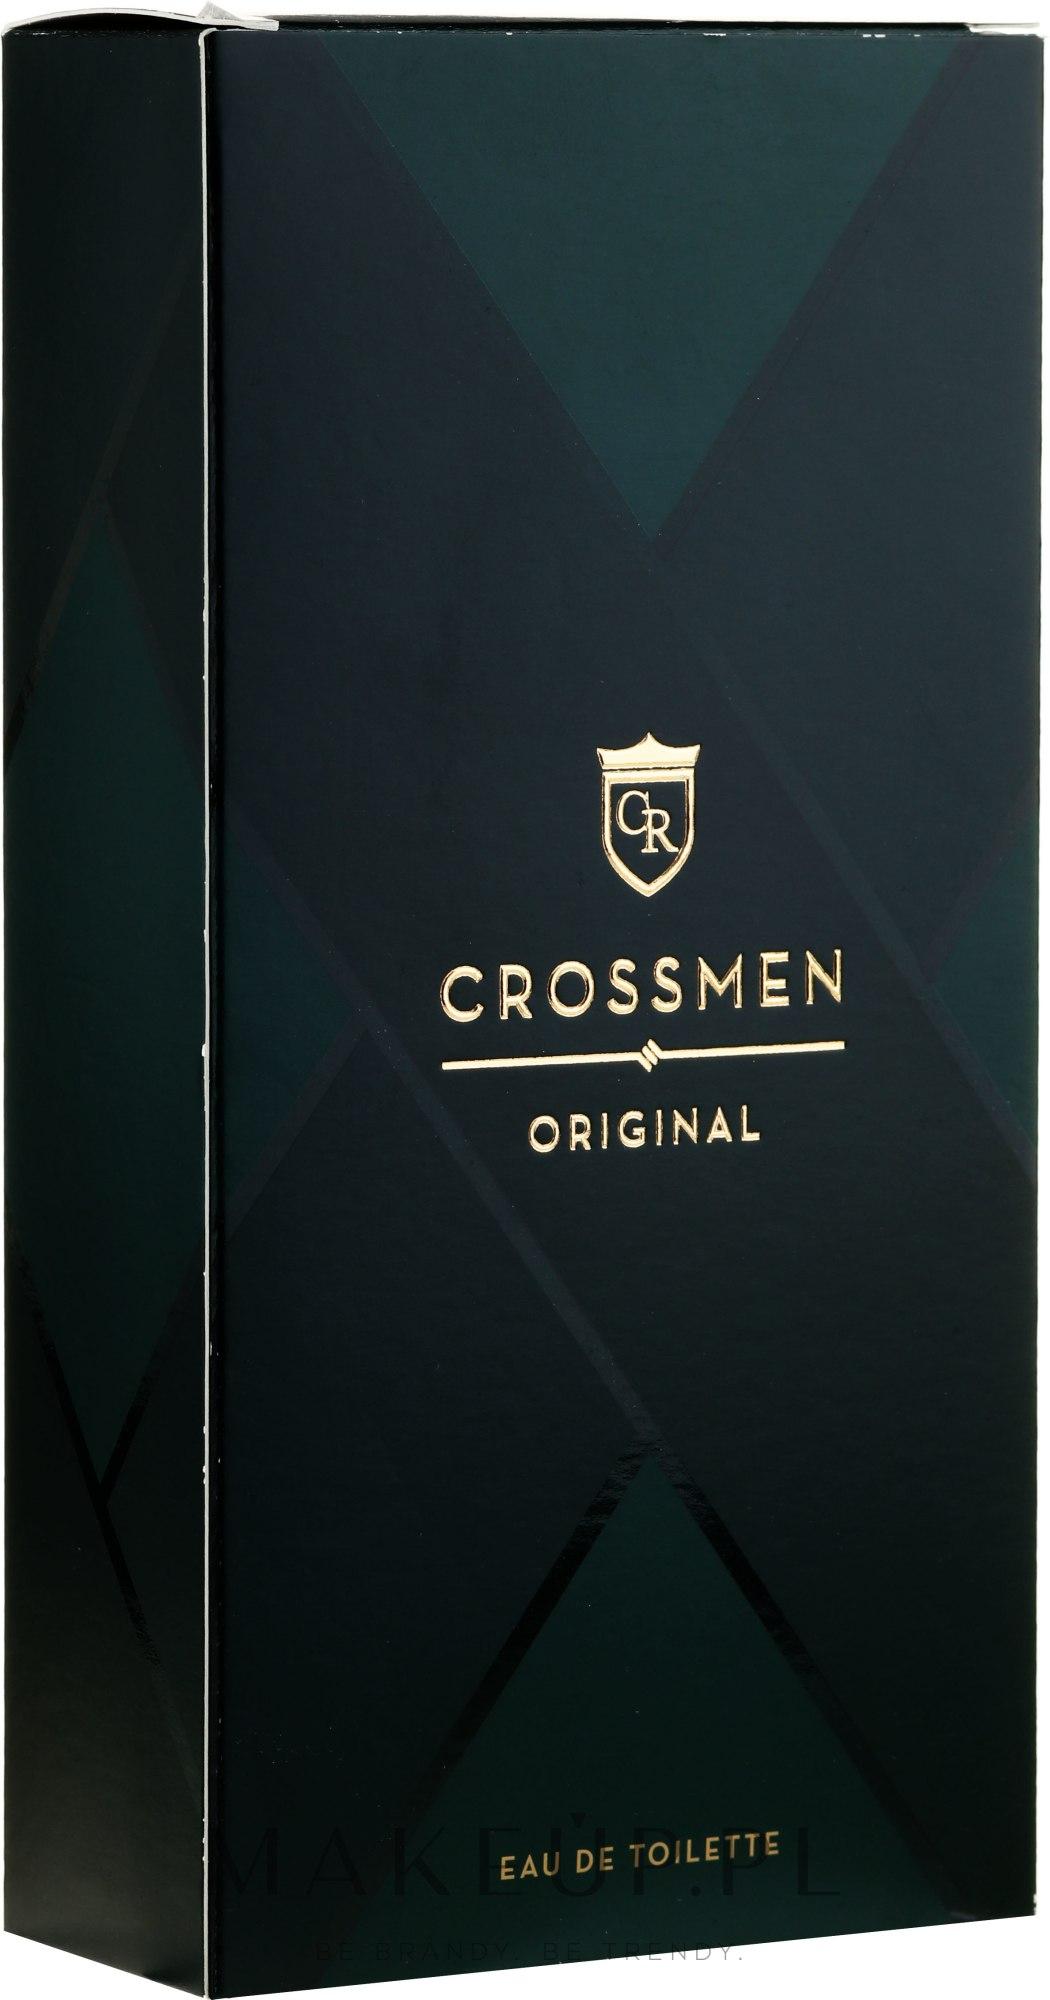 crossmen crossmen original